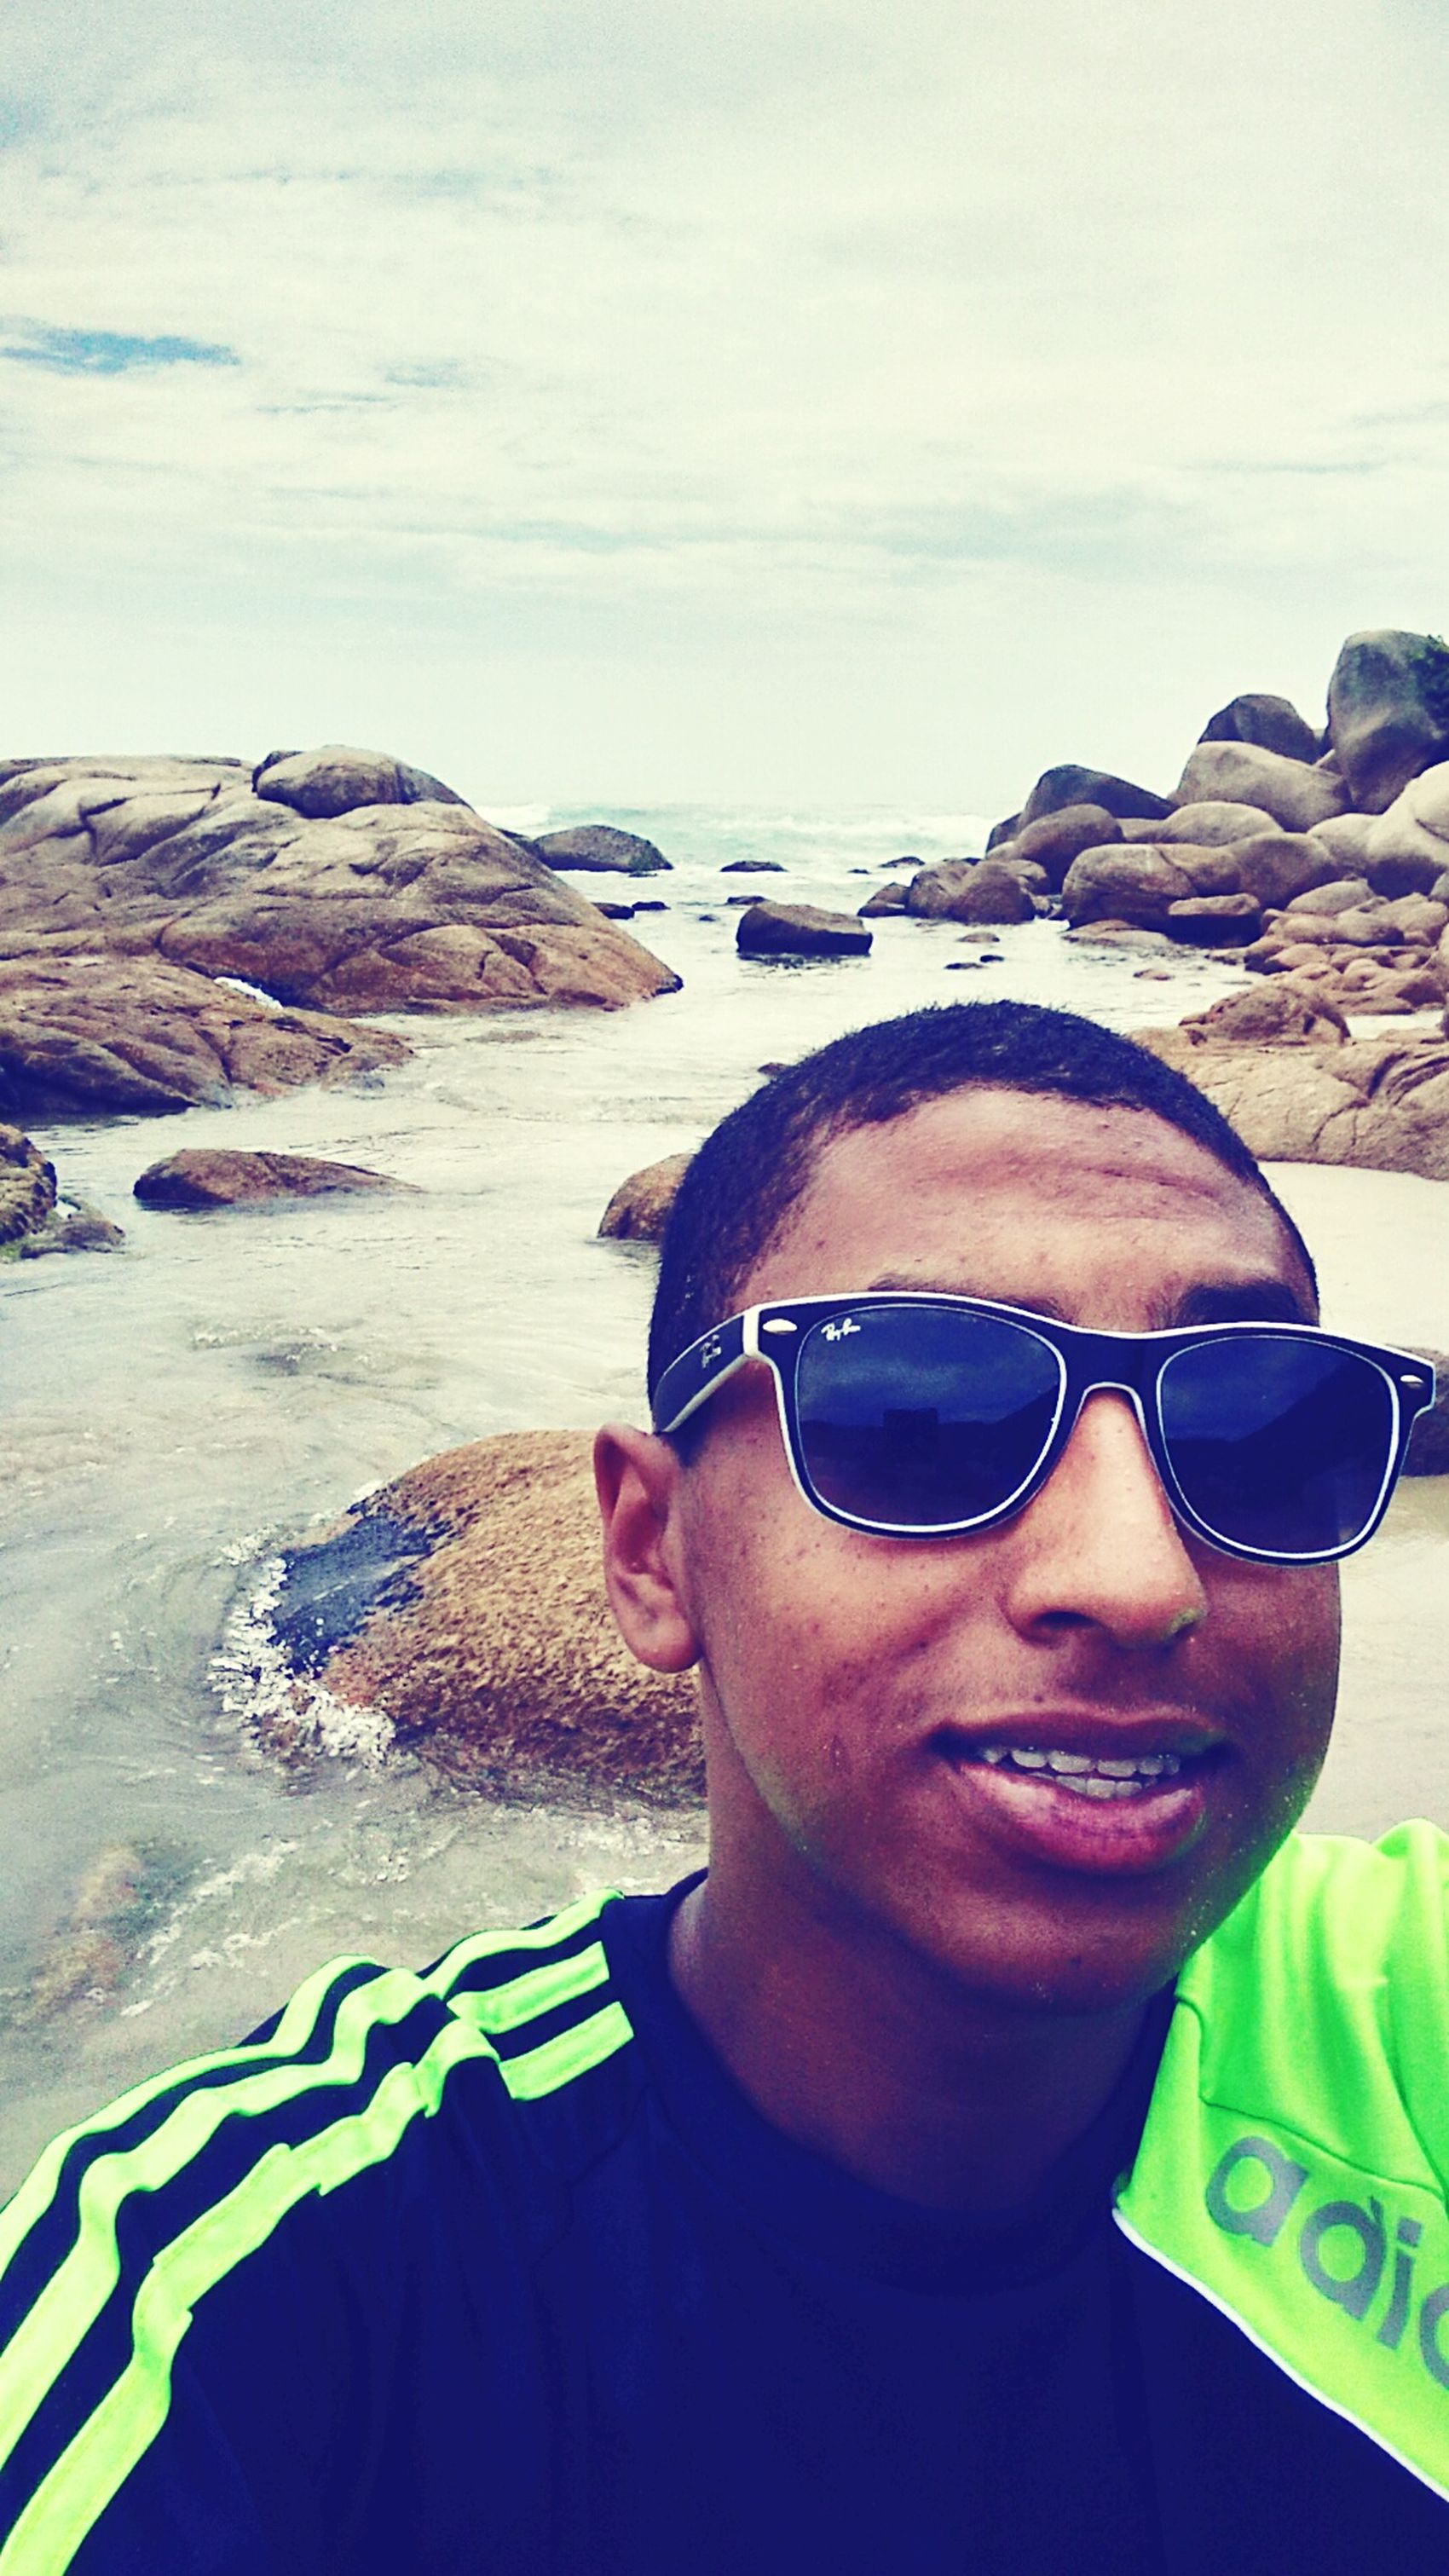 Rosa sc beach